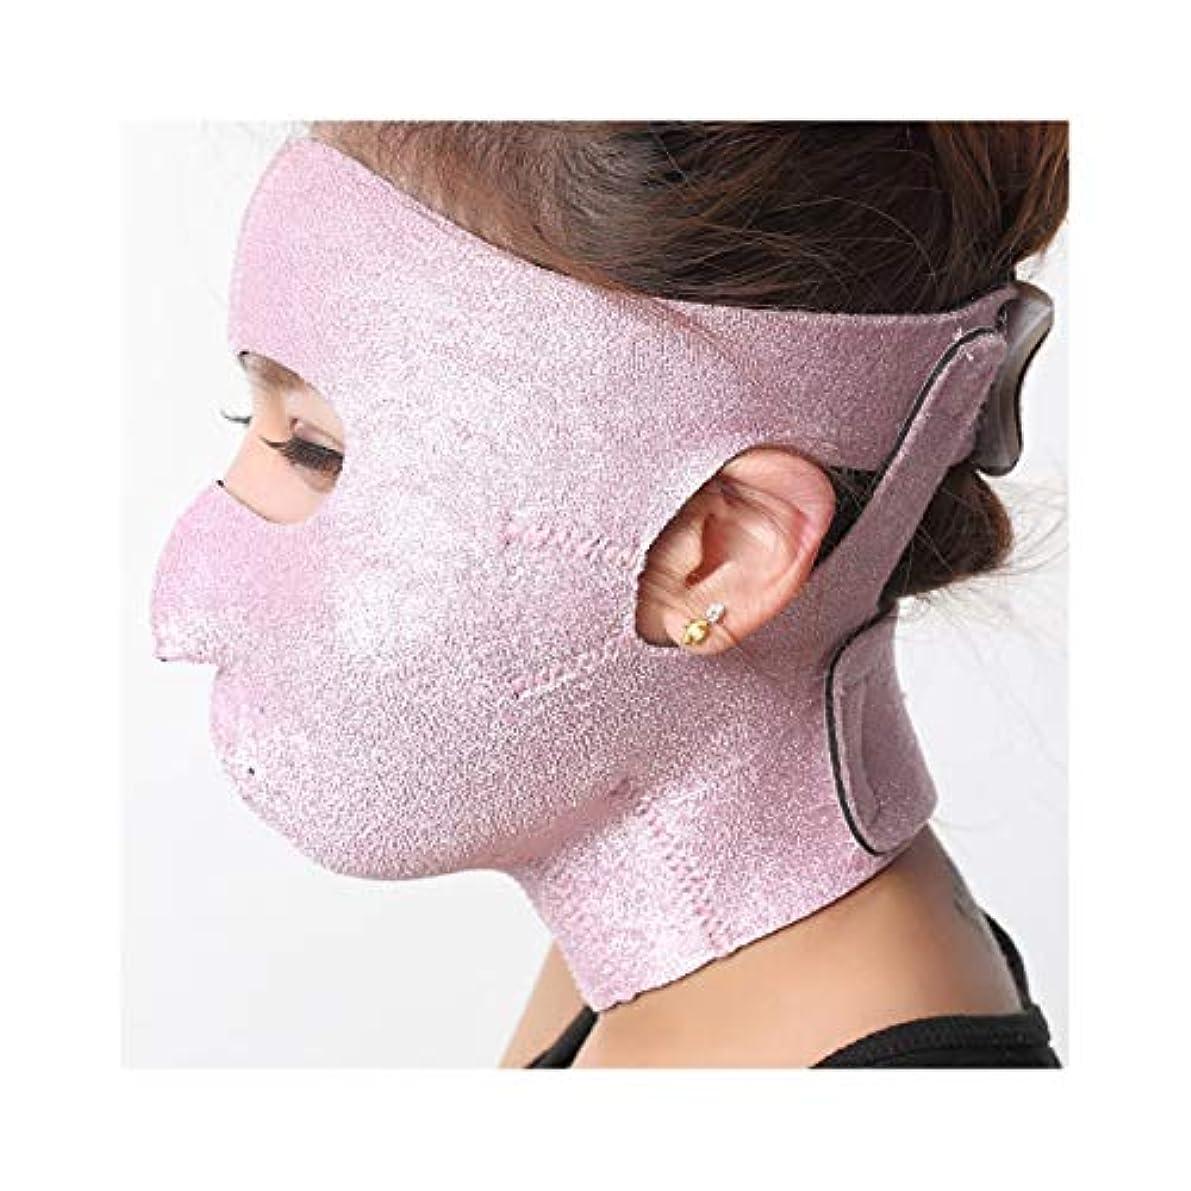 手当縮約平均TLMY 引き締めマスク小さなVフェイスアーティファクト睡眠薄いフェイス包帯マスクと引き締めマスク引き締めクリームフェイスリフトフェイスメロン 顔用整形マスク